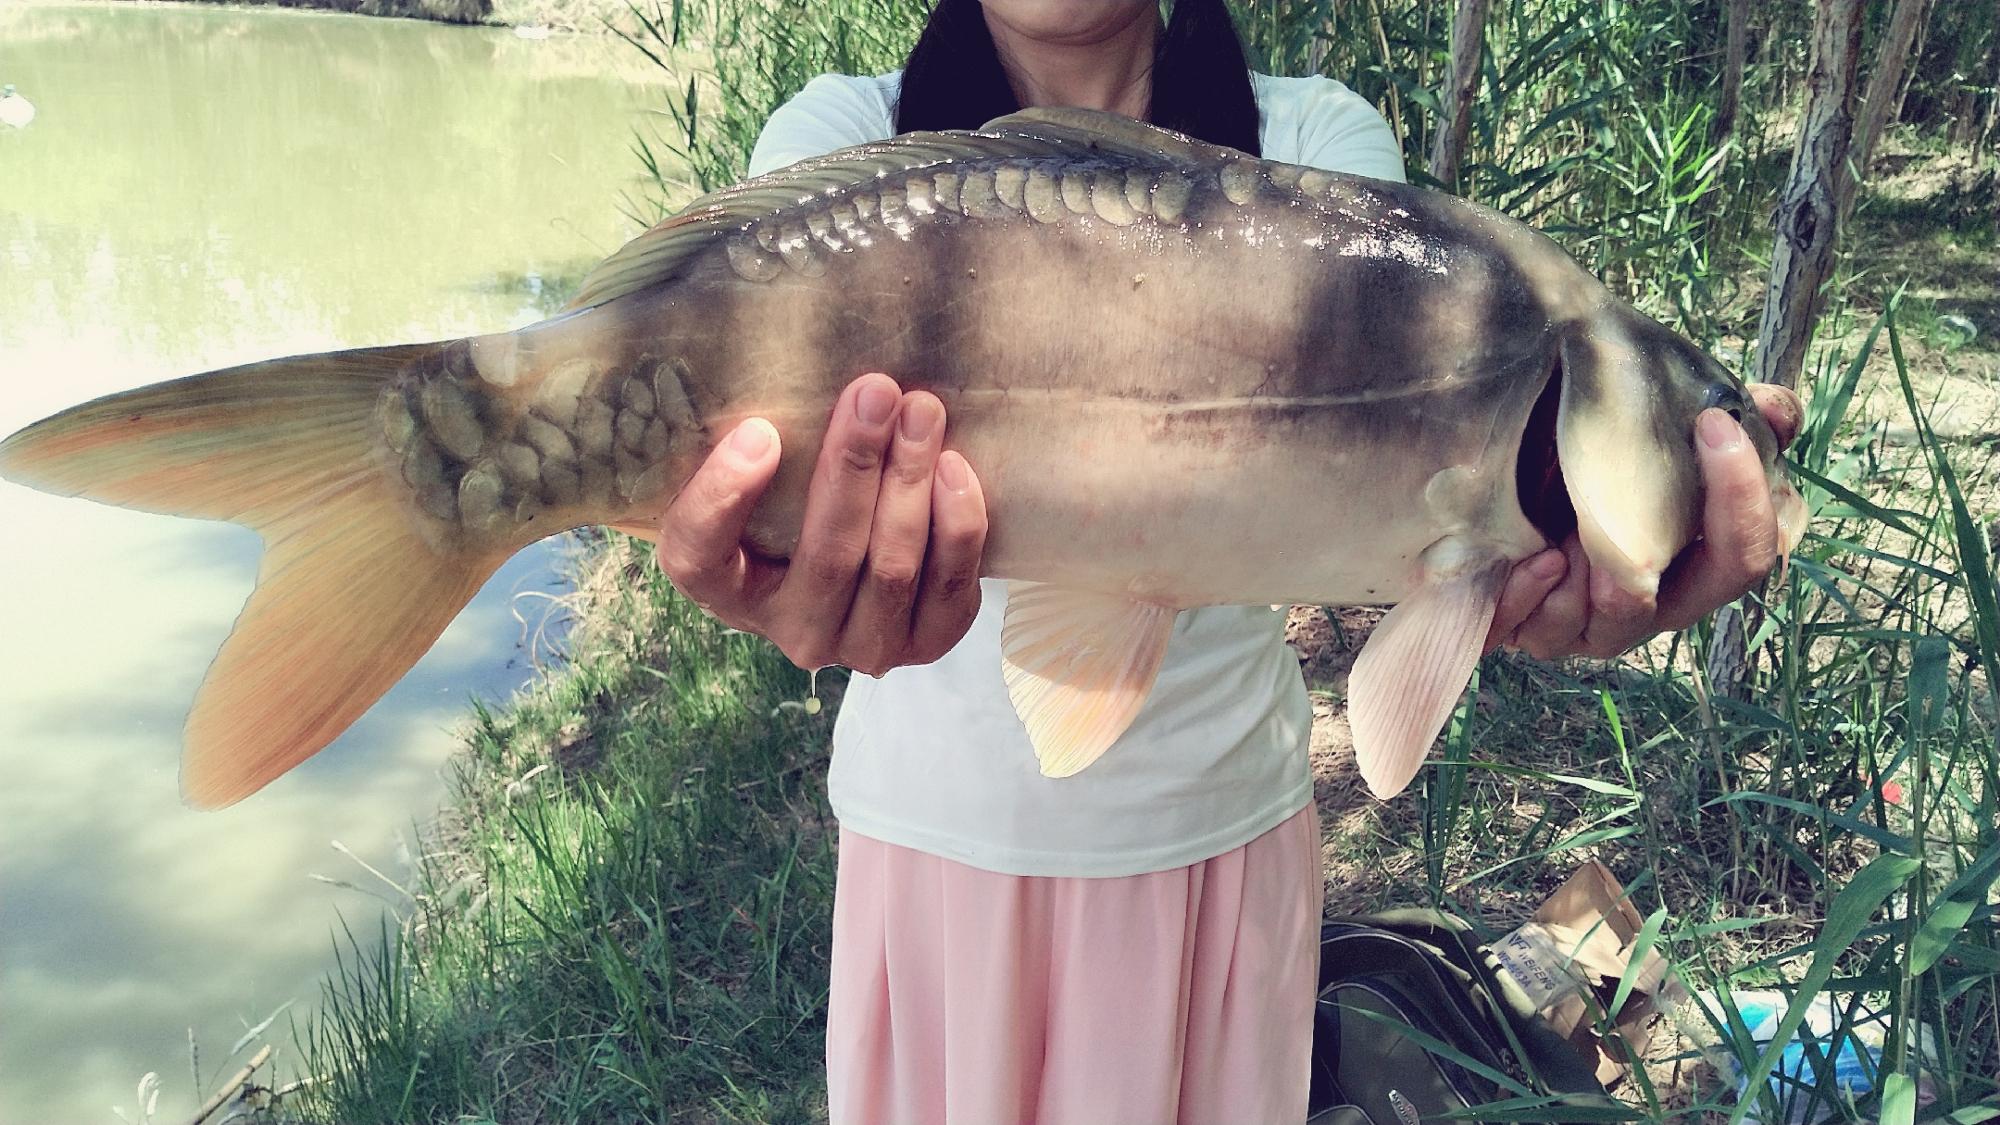 漂亮媳妇第一次手竿钓大鱼,没想到发挥这么好,鱼线切水声真好听